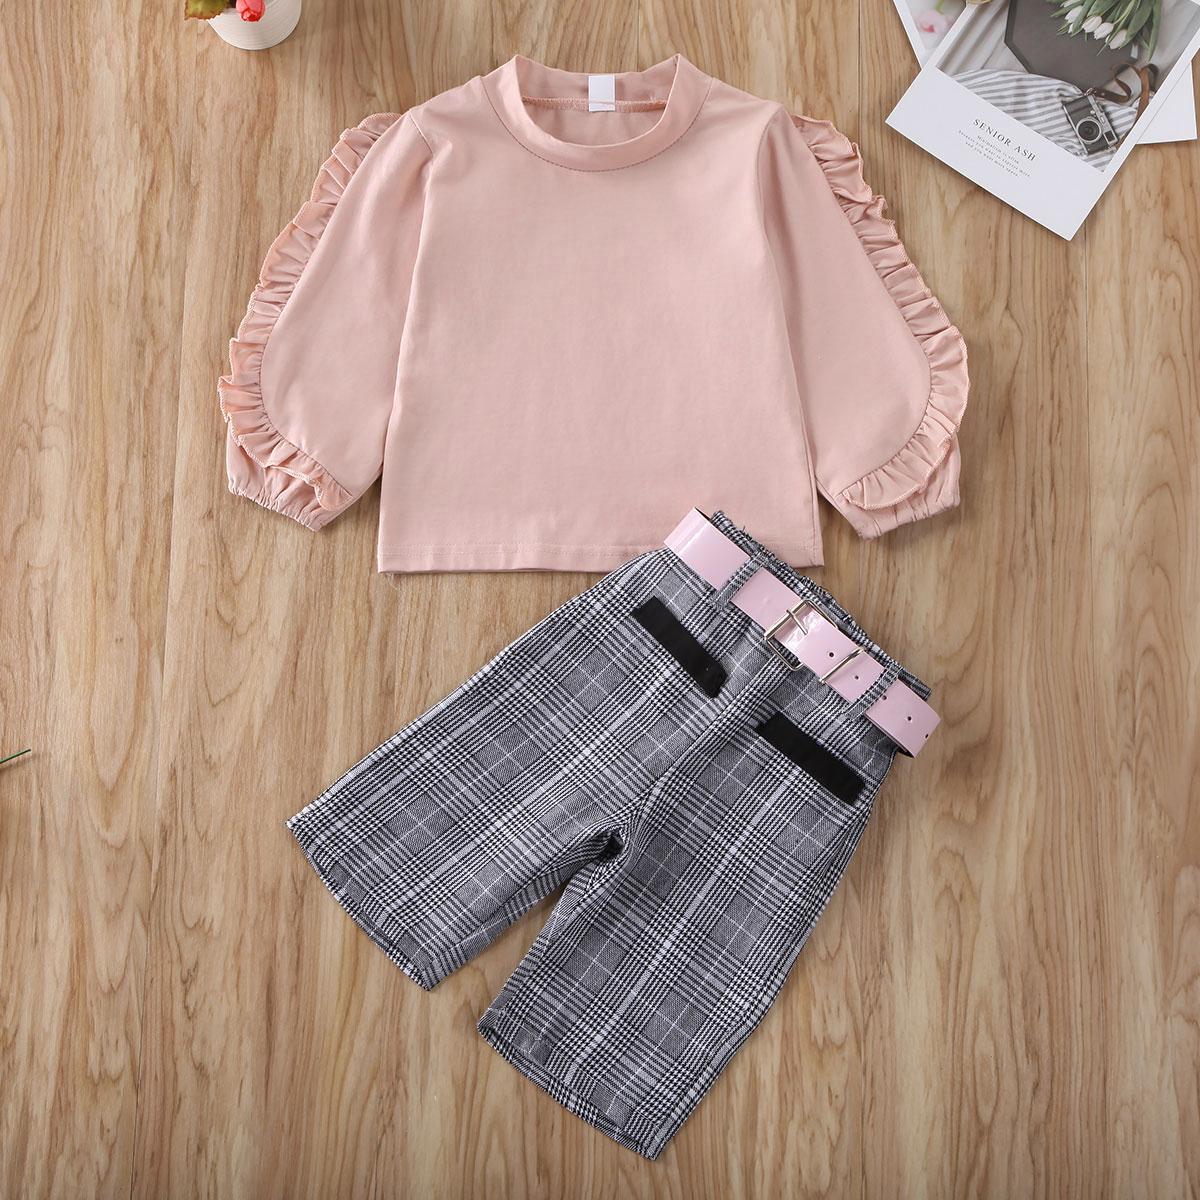 Pudcoco Kleinkind-Baby-Kleidung Solid Color Langarm Rüschen Tops Plaids kurze Hosen Gürtel Outfit Baumwollkleidung Set